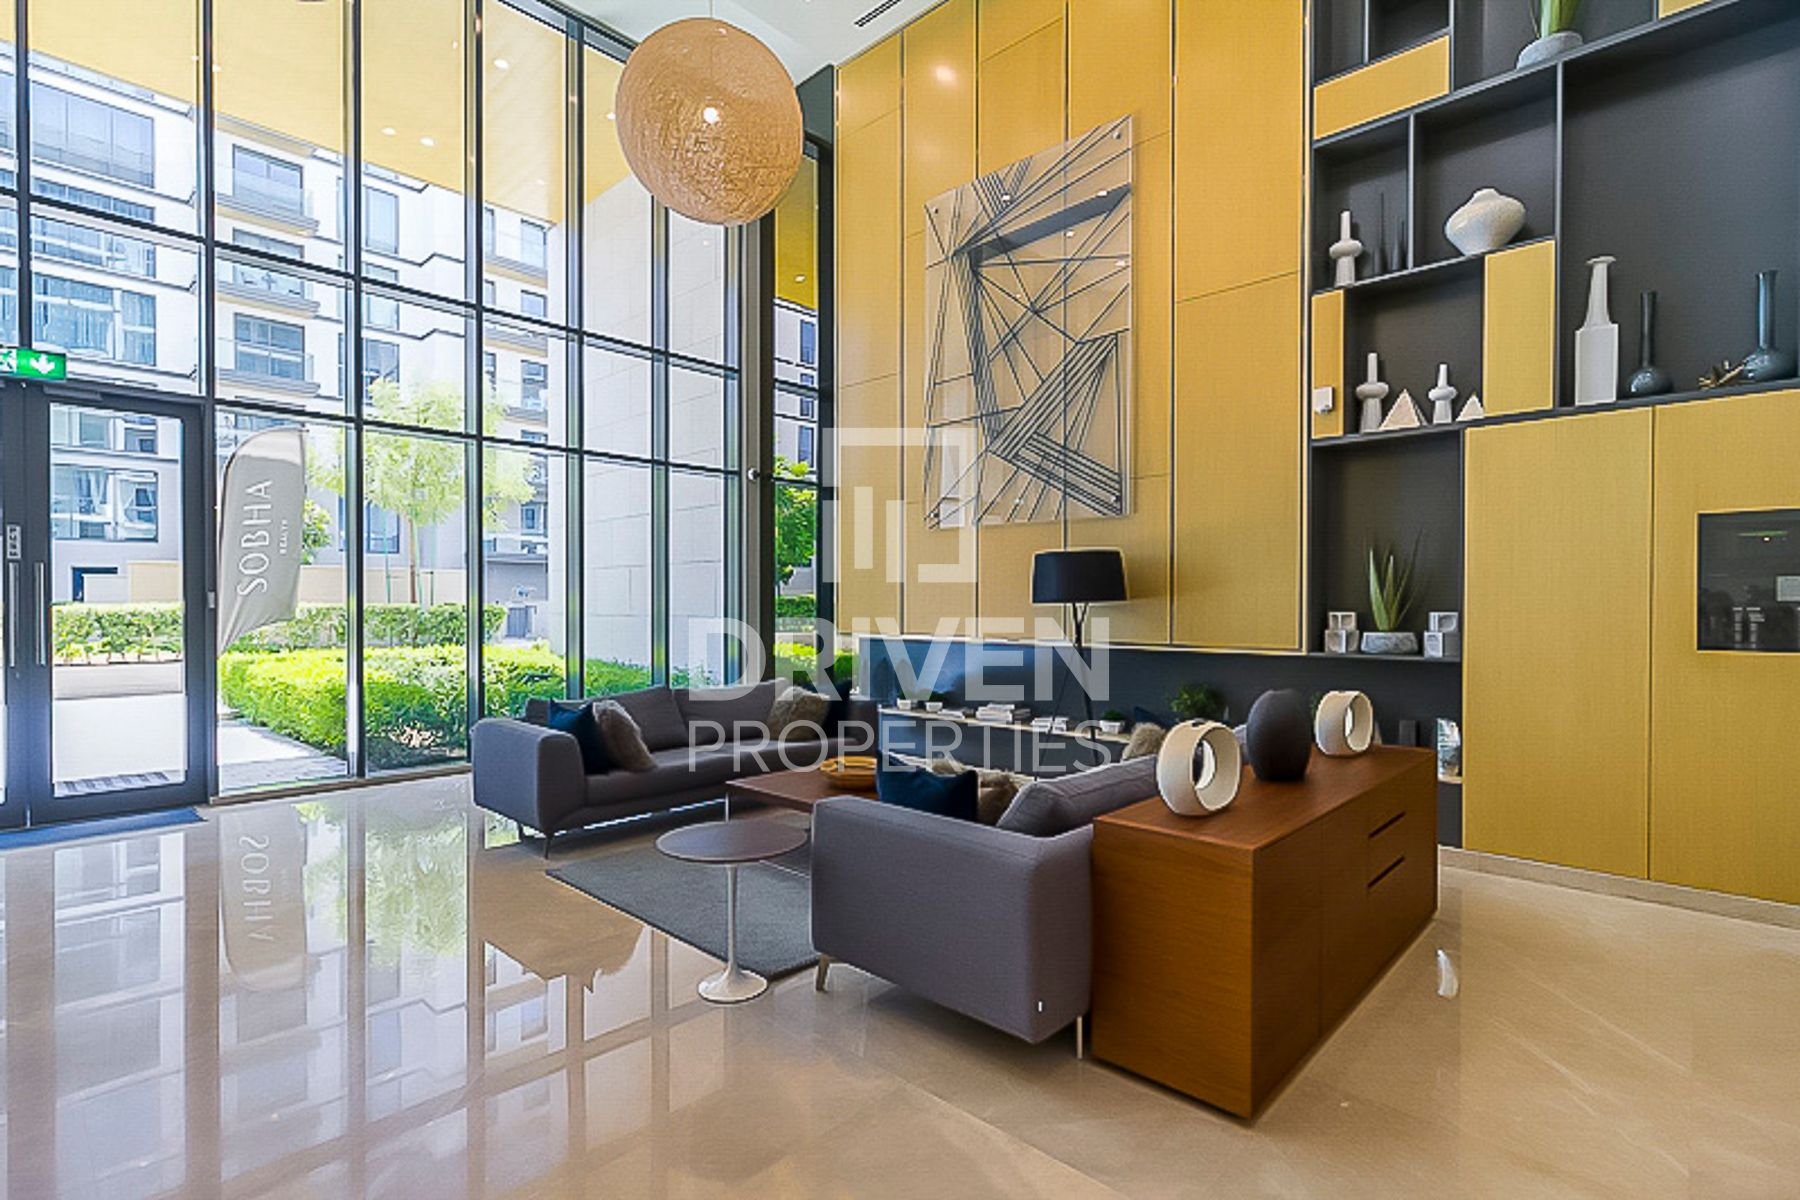 1,437 قدم مربع  شقة - للبيع - مدينة الشيخ محمد بن راشد